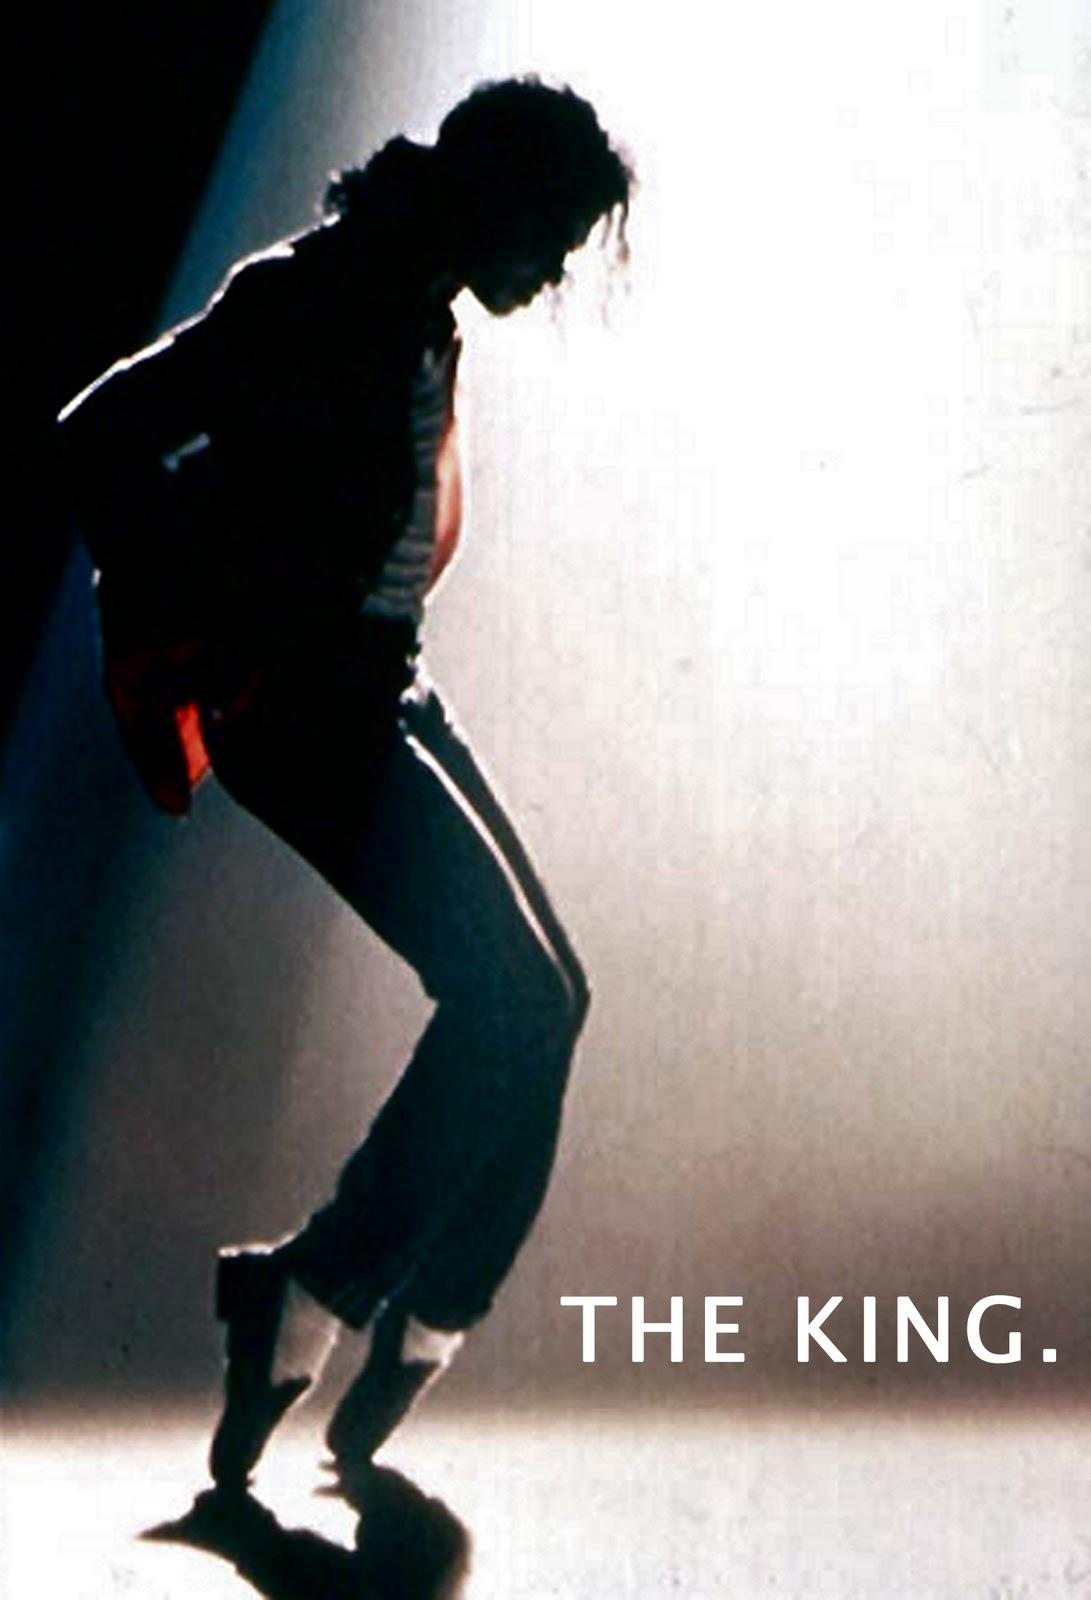 http://1.bp.blogspot.com/-Kh068oVBUDo/Tq_JW3SJr9I/AAAAAAAABA4/u3nONLkru18/s1600/MJ+-+Michael+Jackson.jpg